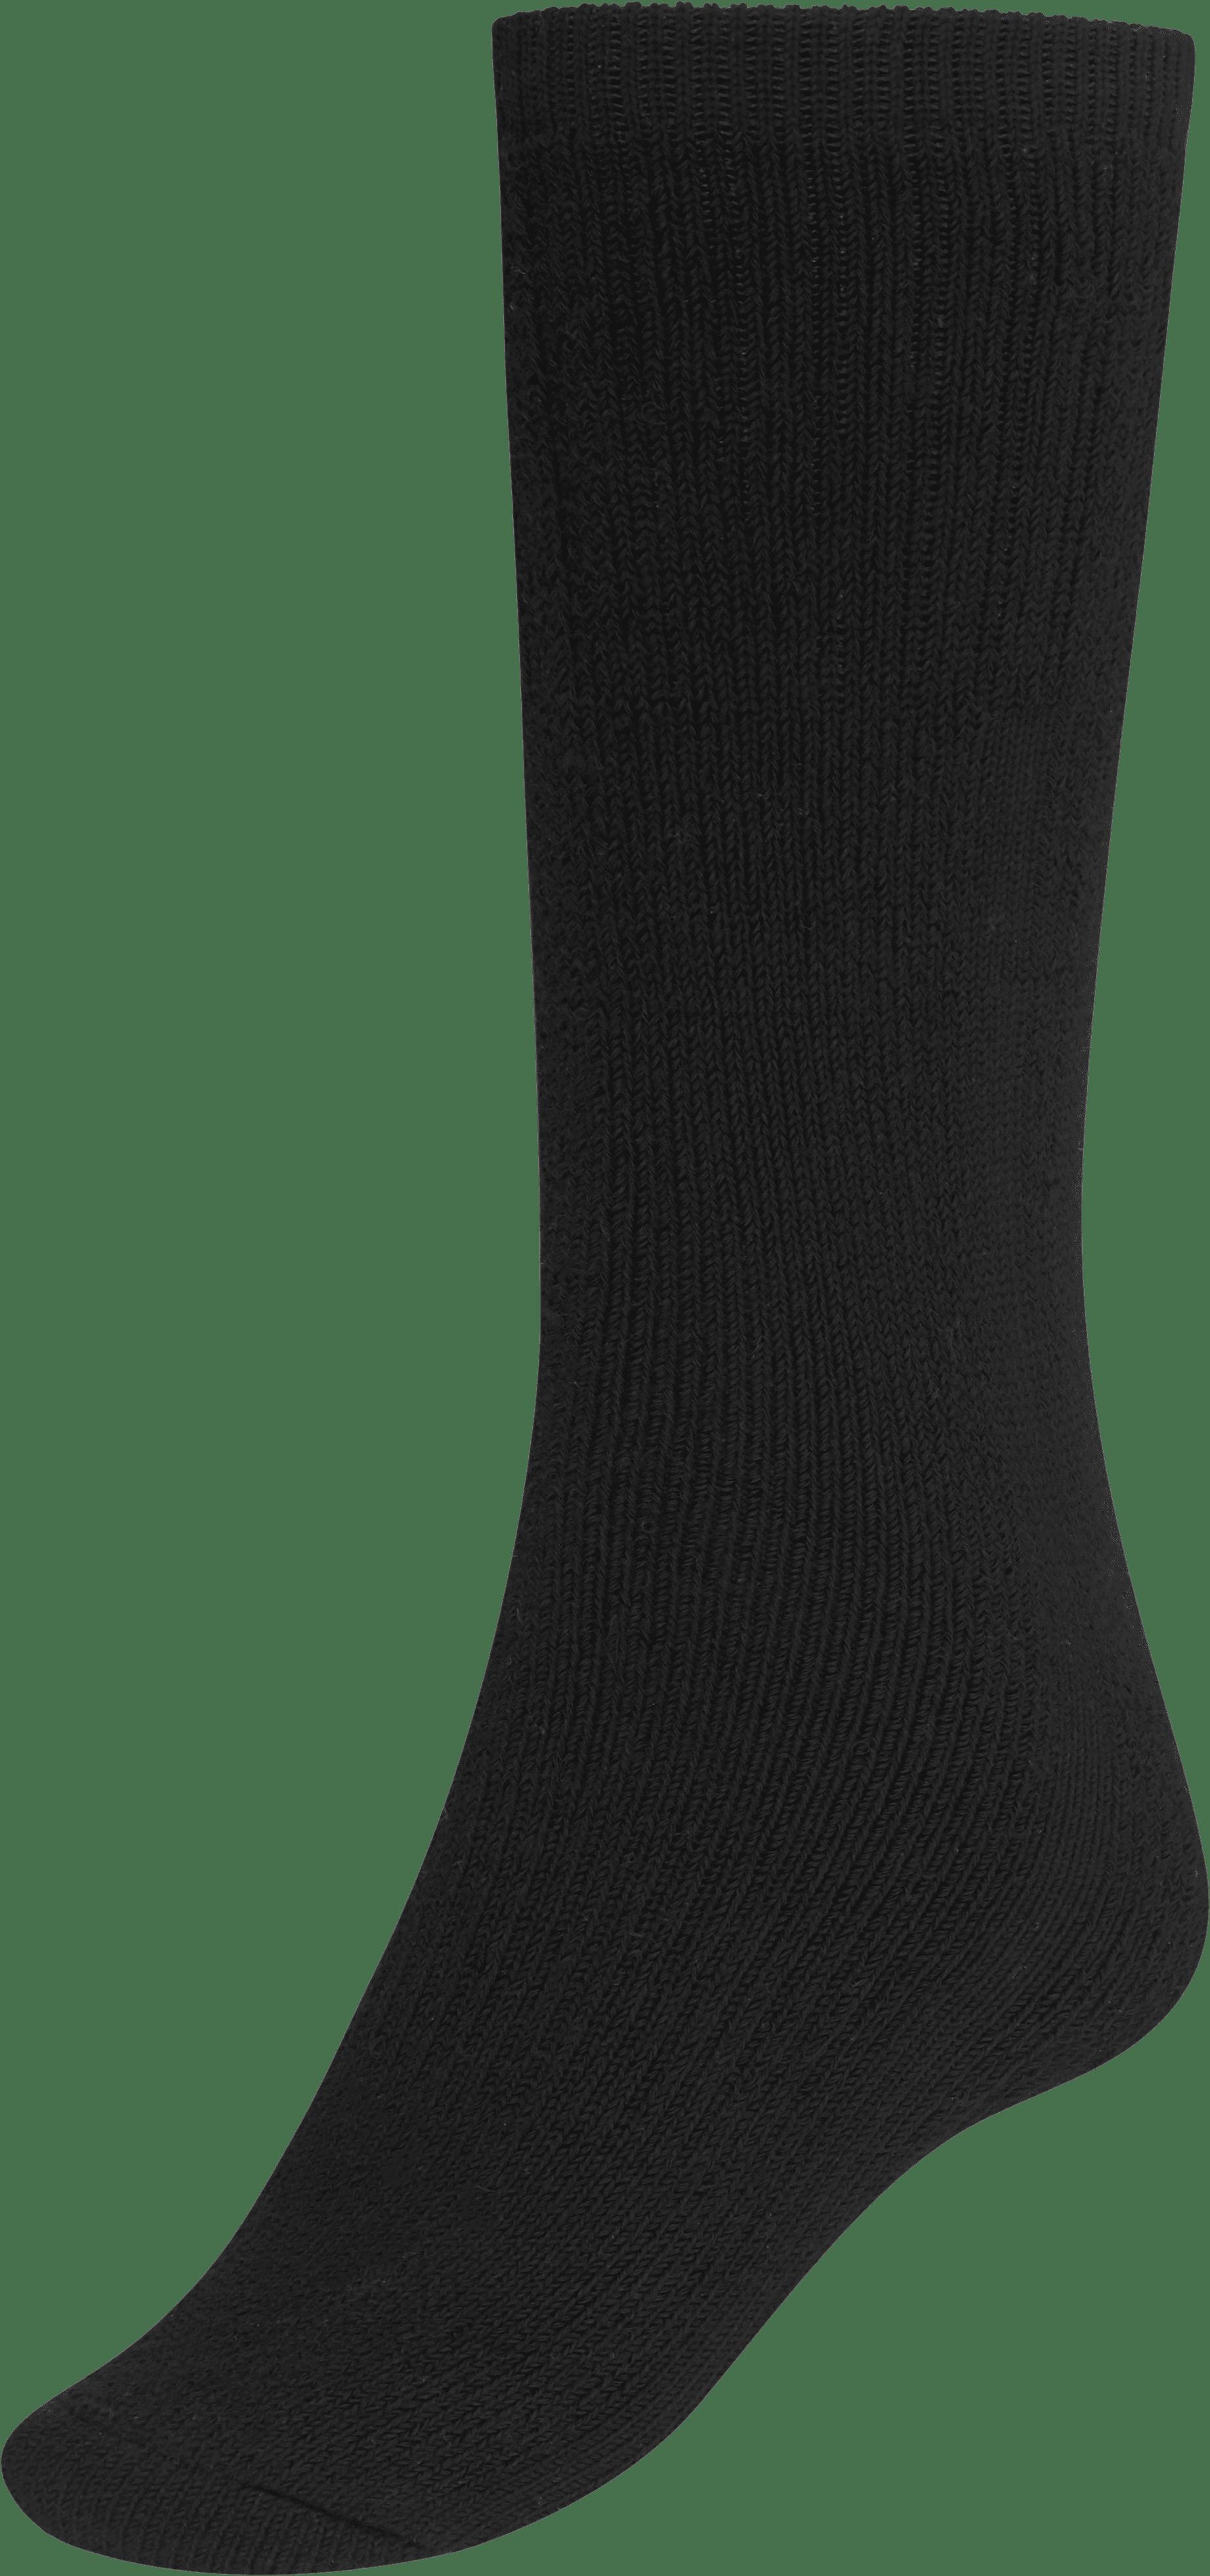 soles black socks